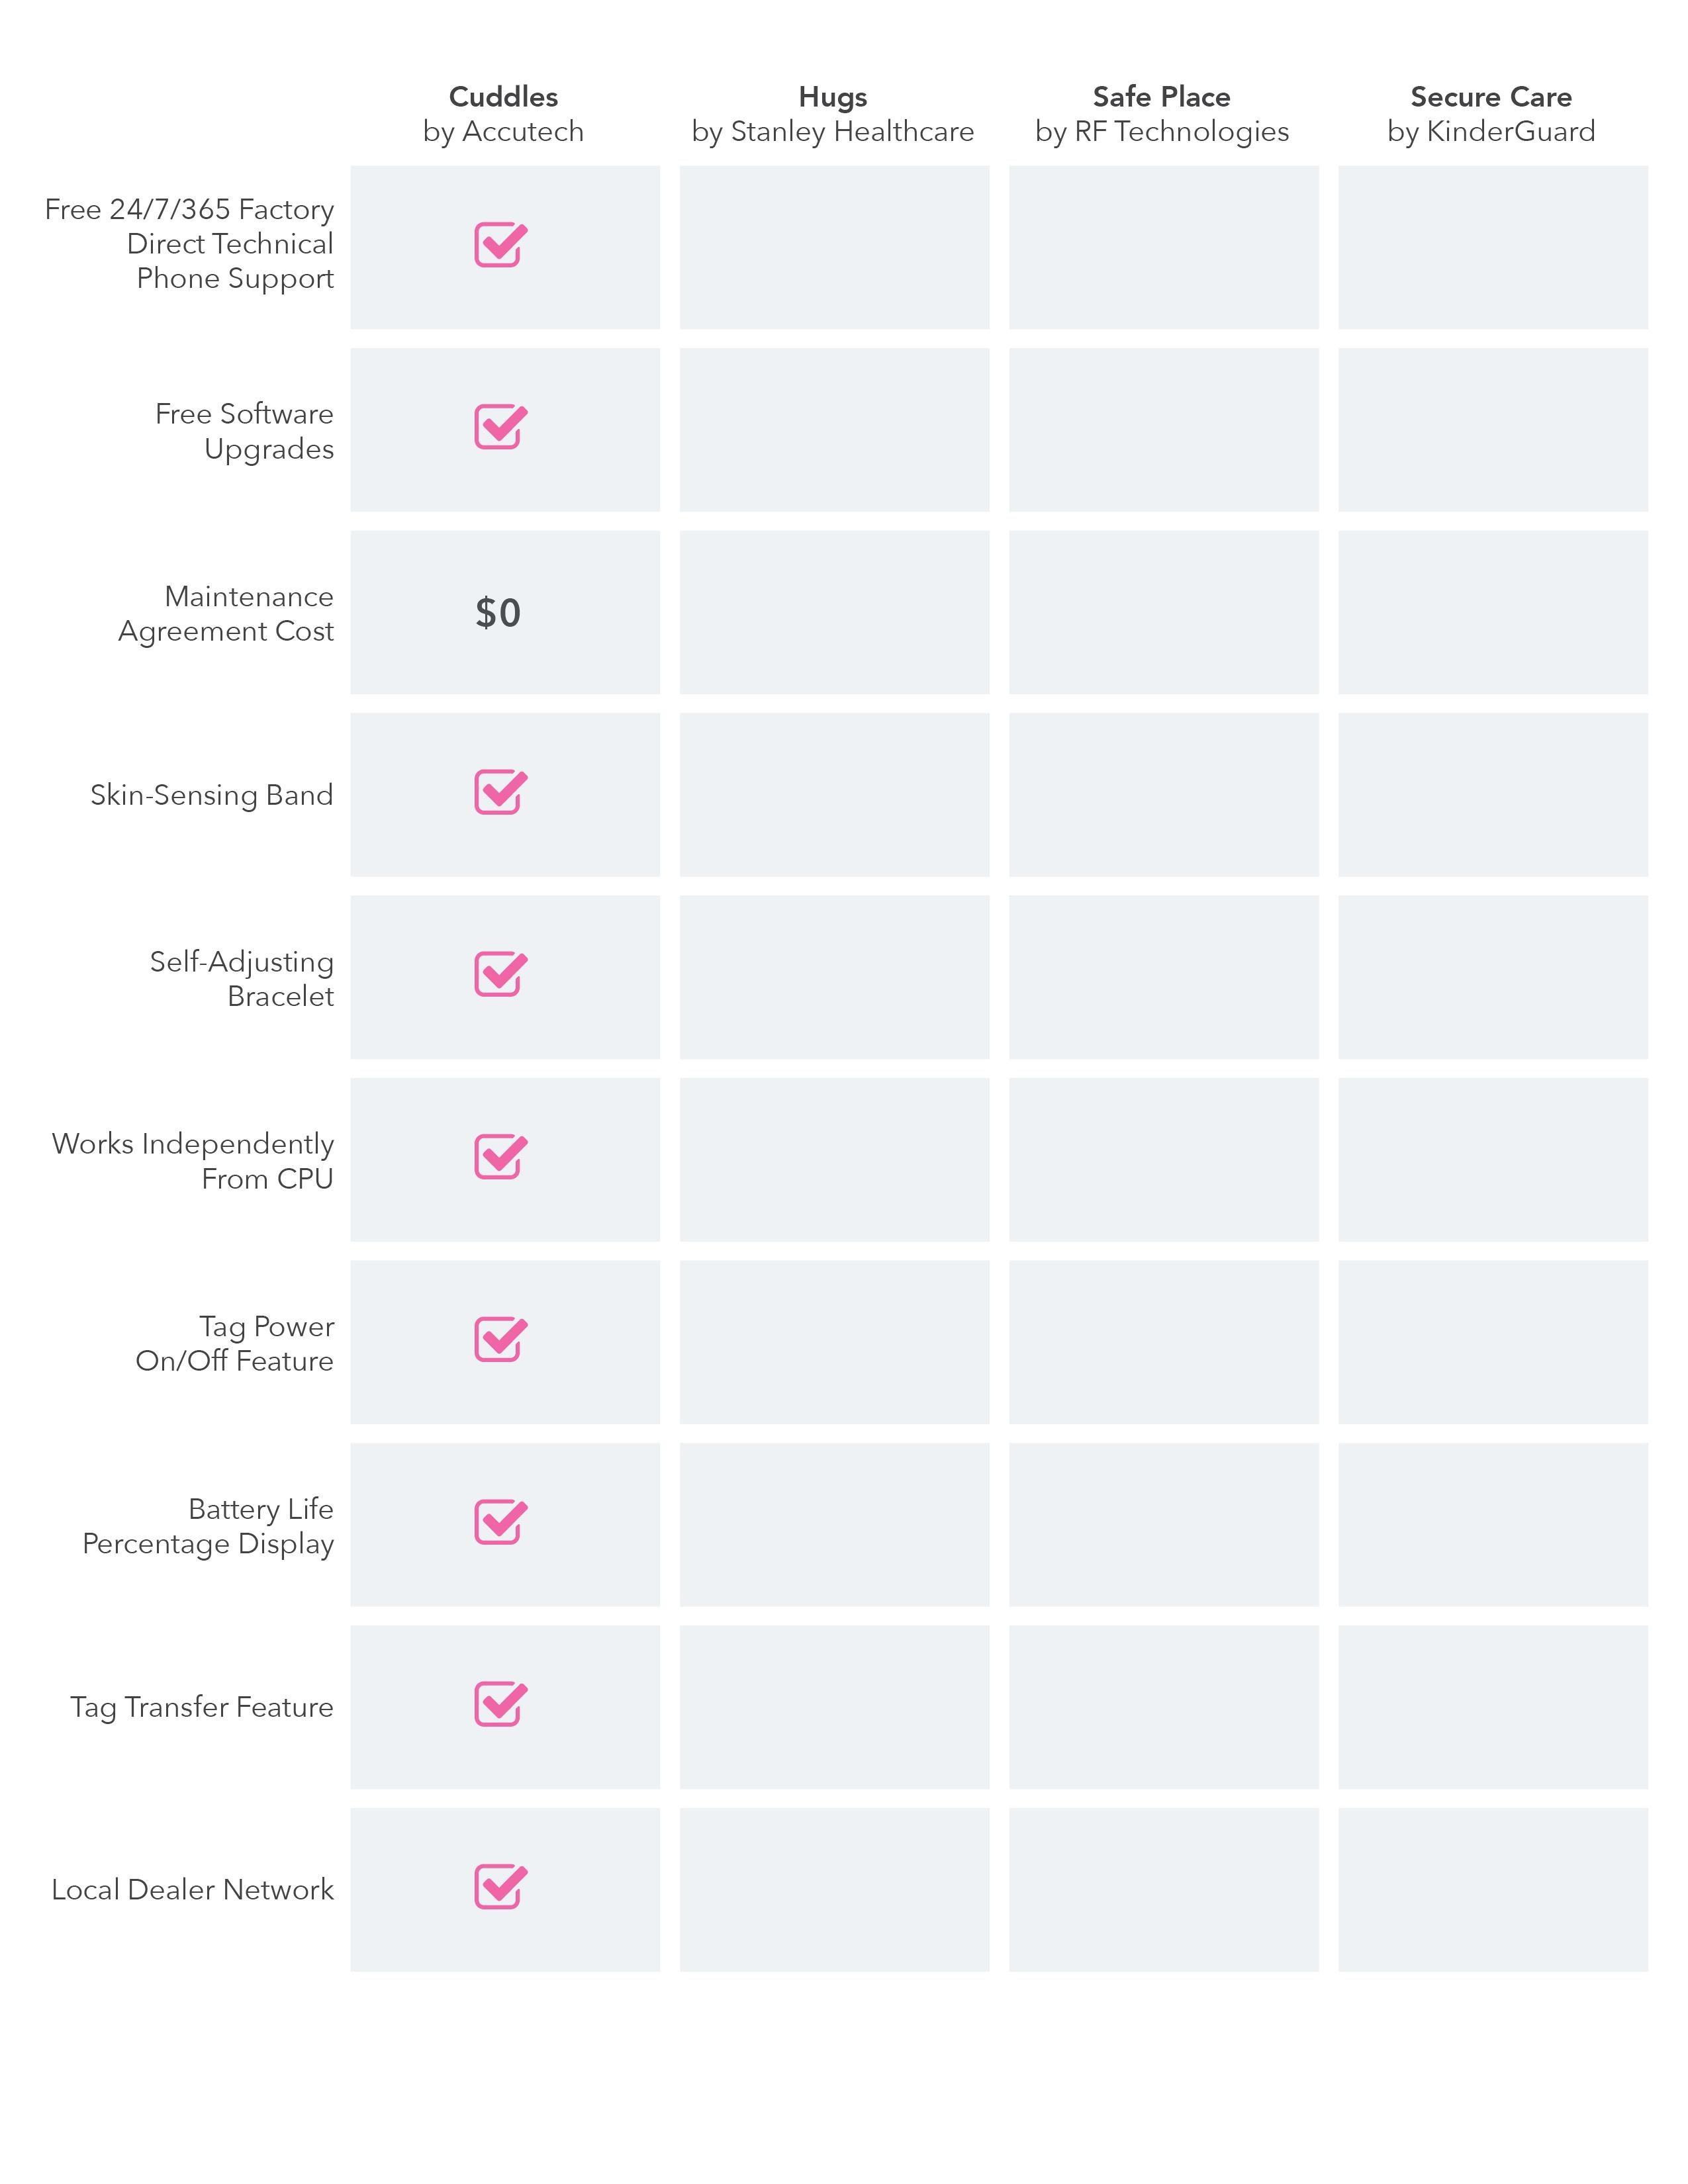 Accutech cuddles vendor comparison chart